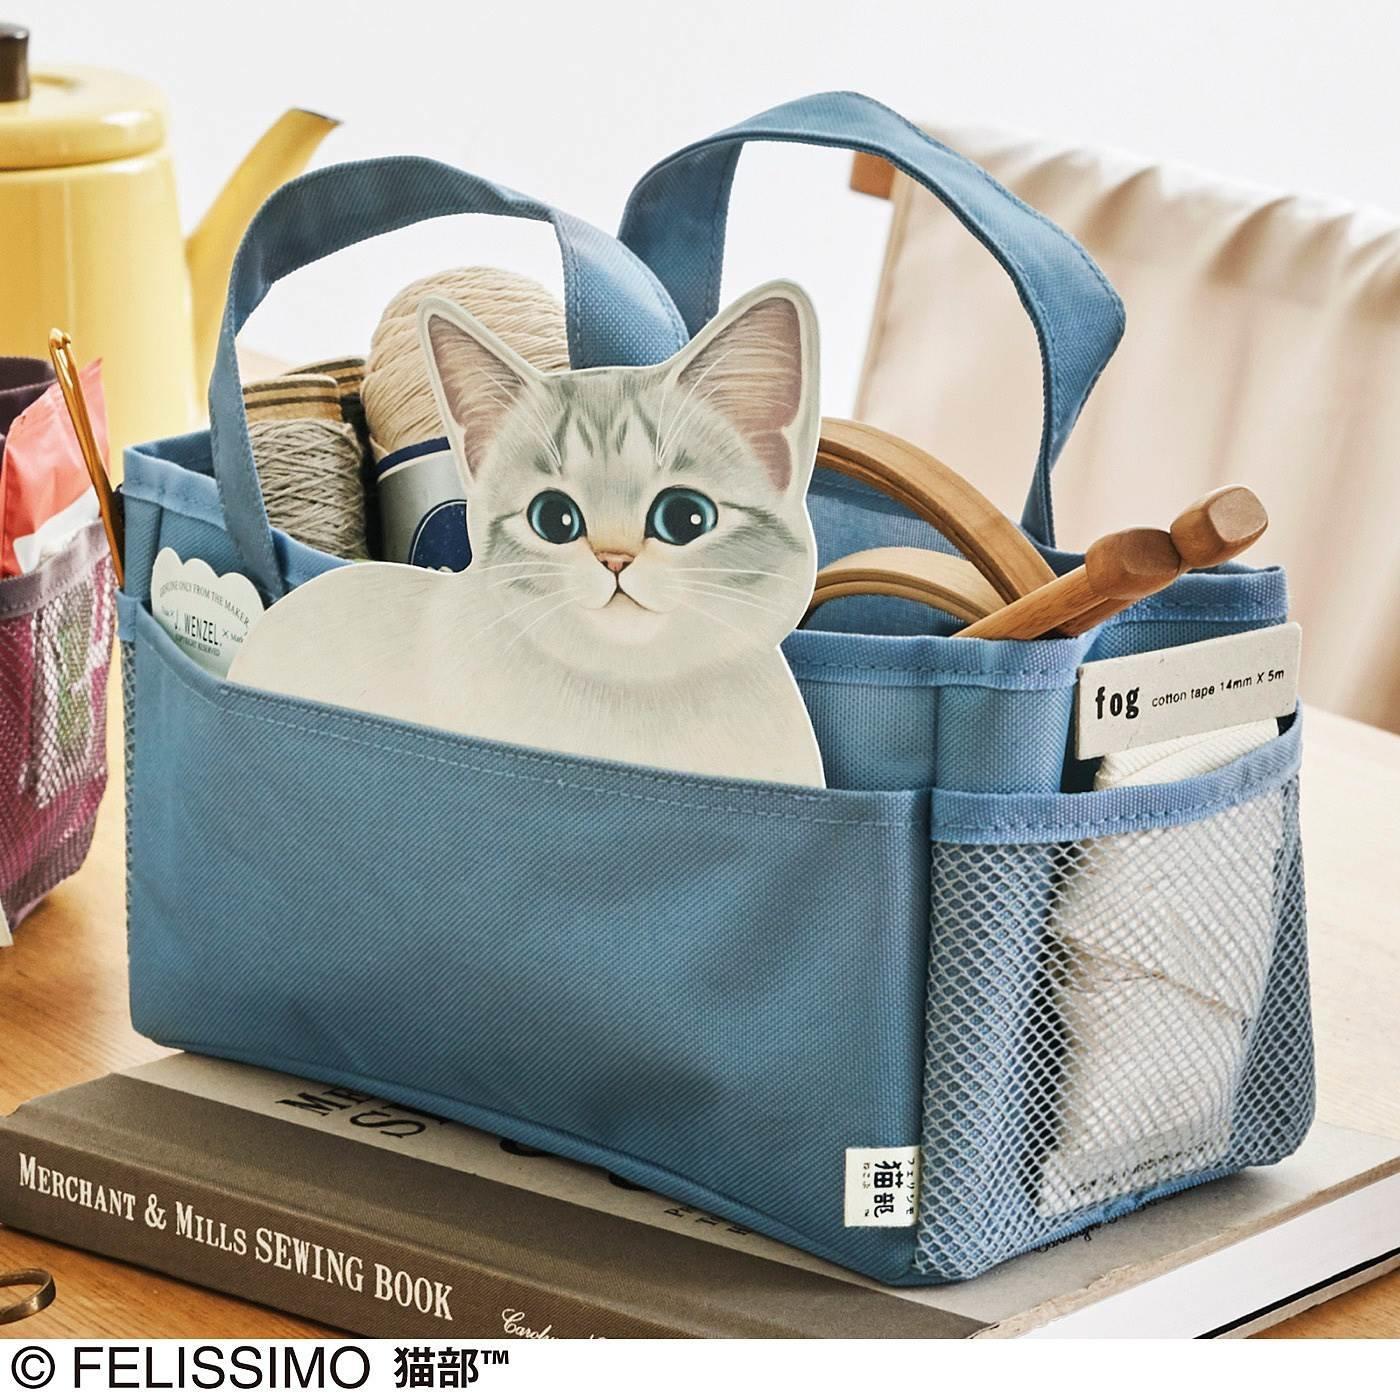 小物すっきり!子猫がのぞく収納バッグの会